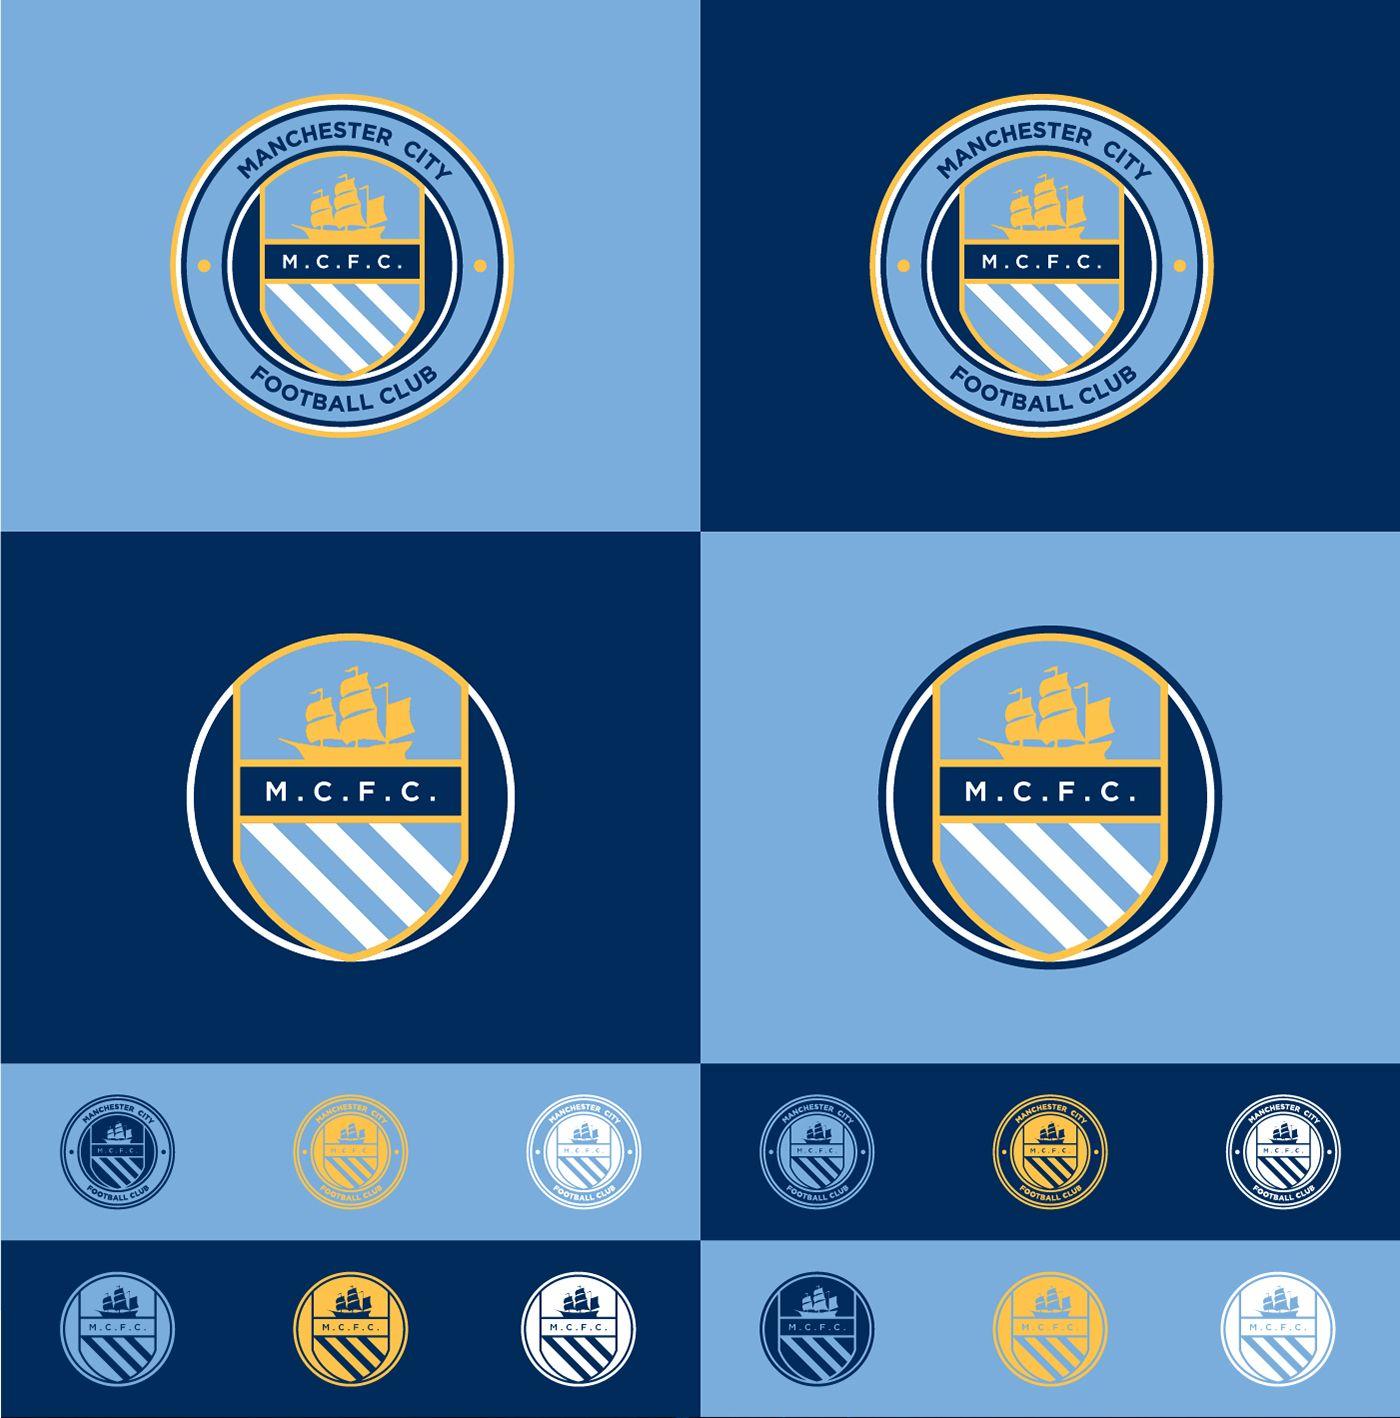 ( PT ) O Manchester City, clube de futebol criado em 1930